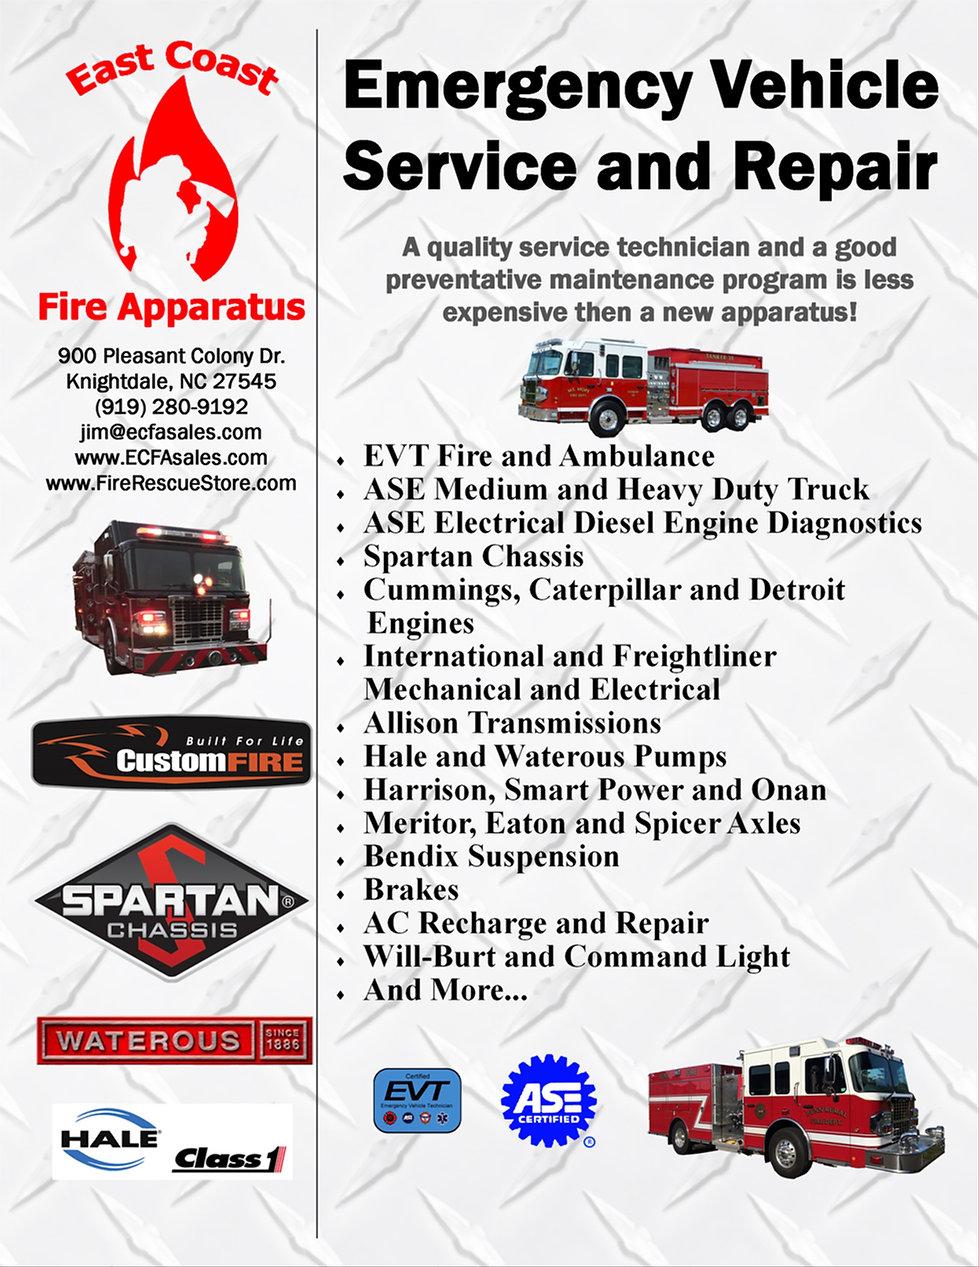 SERVICE | East Coast Fire Apparatus